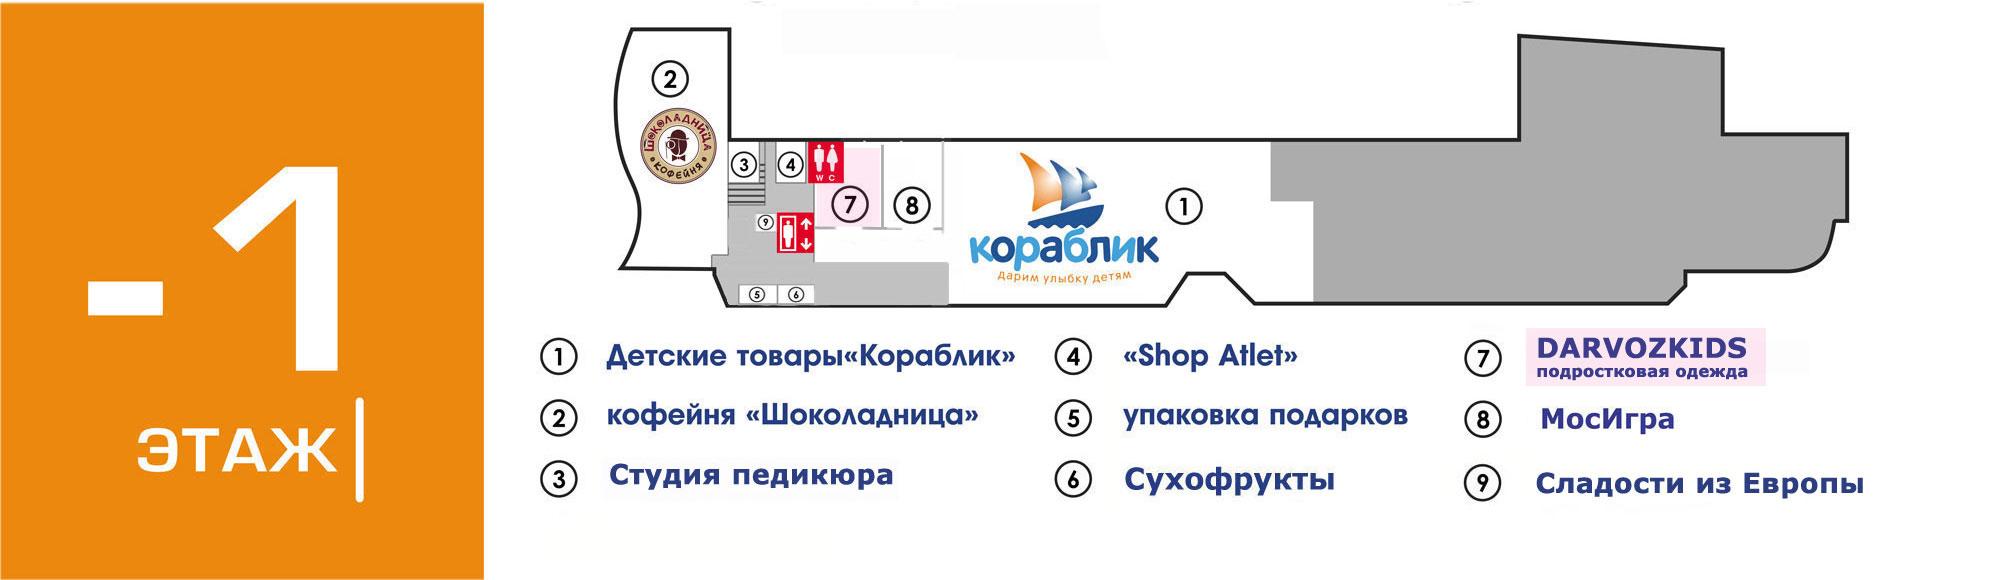 -1 этаж ТРЦ Вертикаль, магазин подростковой одежды DARVOZKIDS